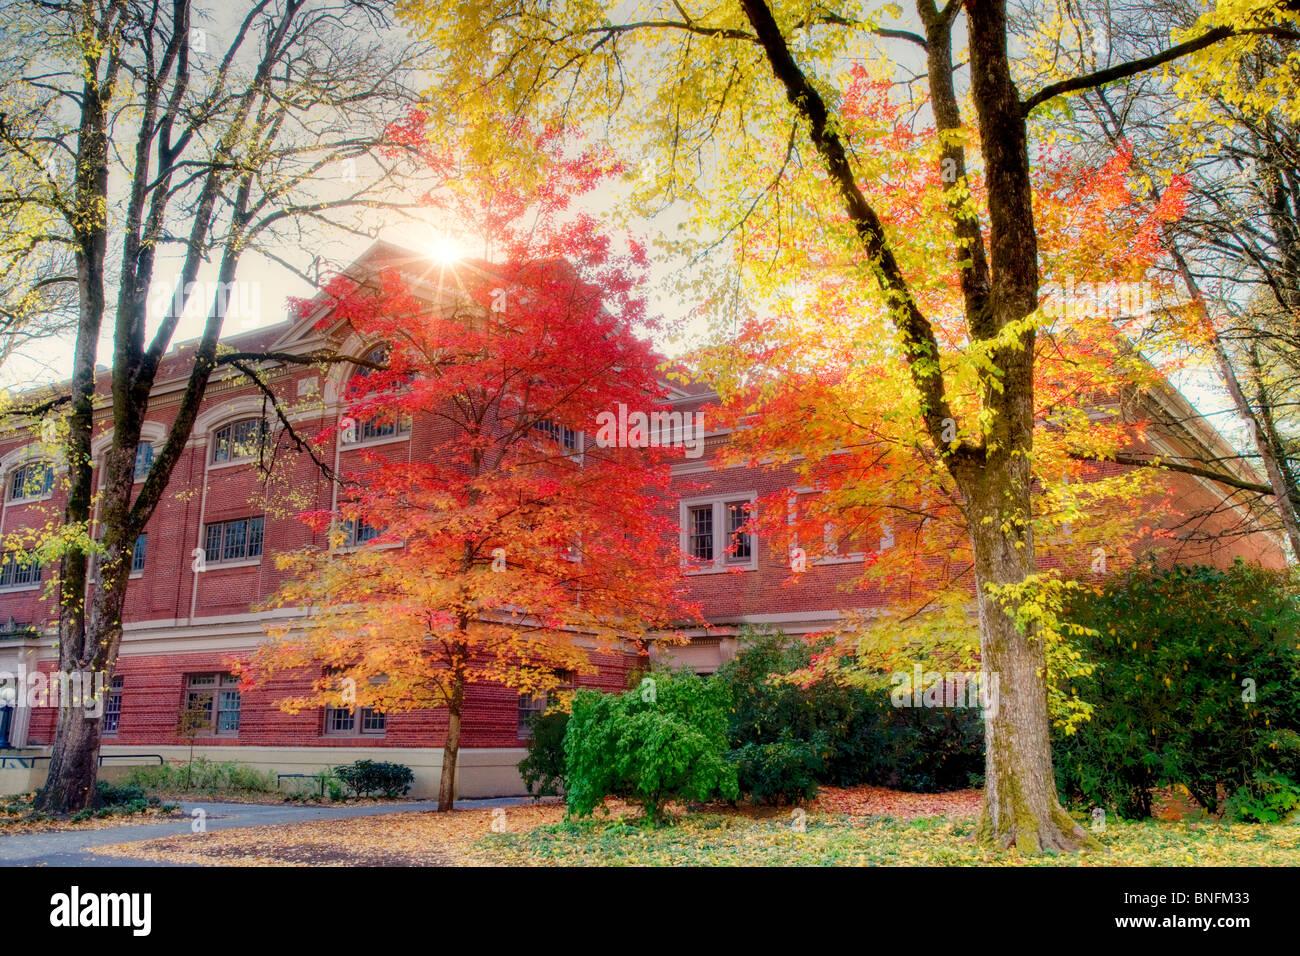 Université de l'Oregon site de rencontre rencontre privée de balayage Wrexham